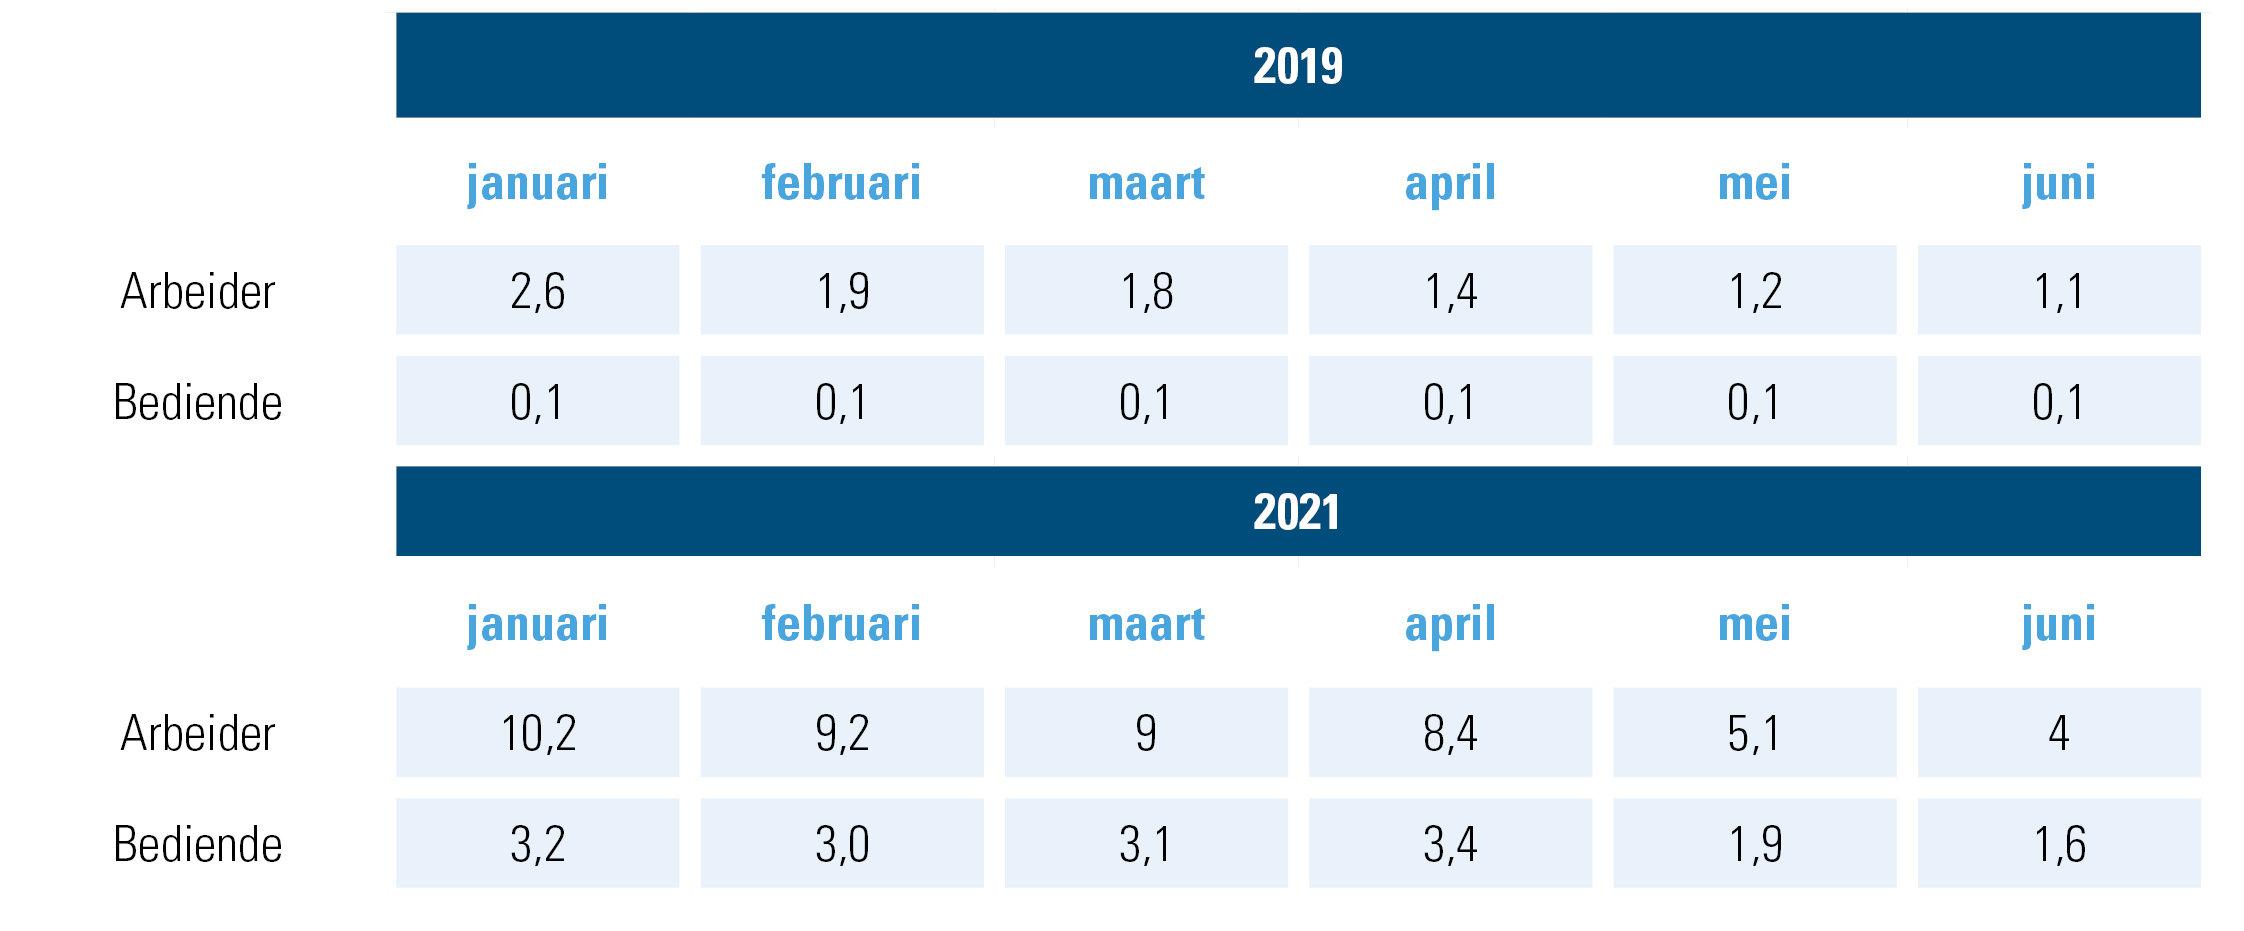 totaal tijdelijke werkloosheid in uren, 2019 (pre-corona) vs. 2021 (exit corona)